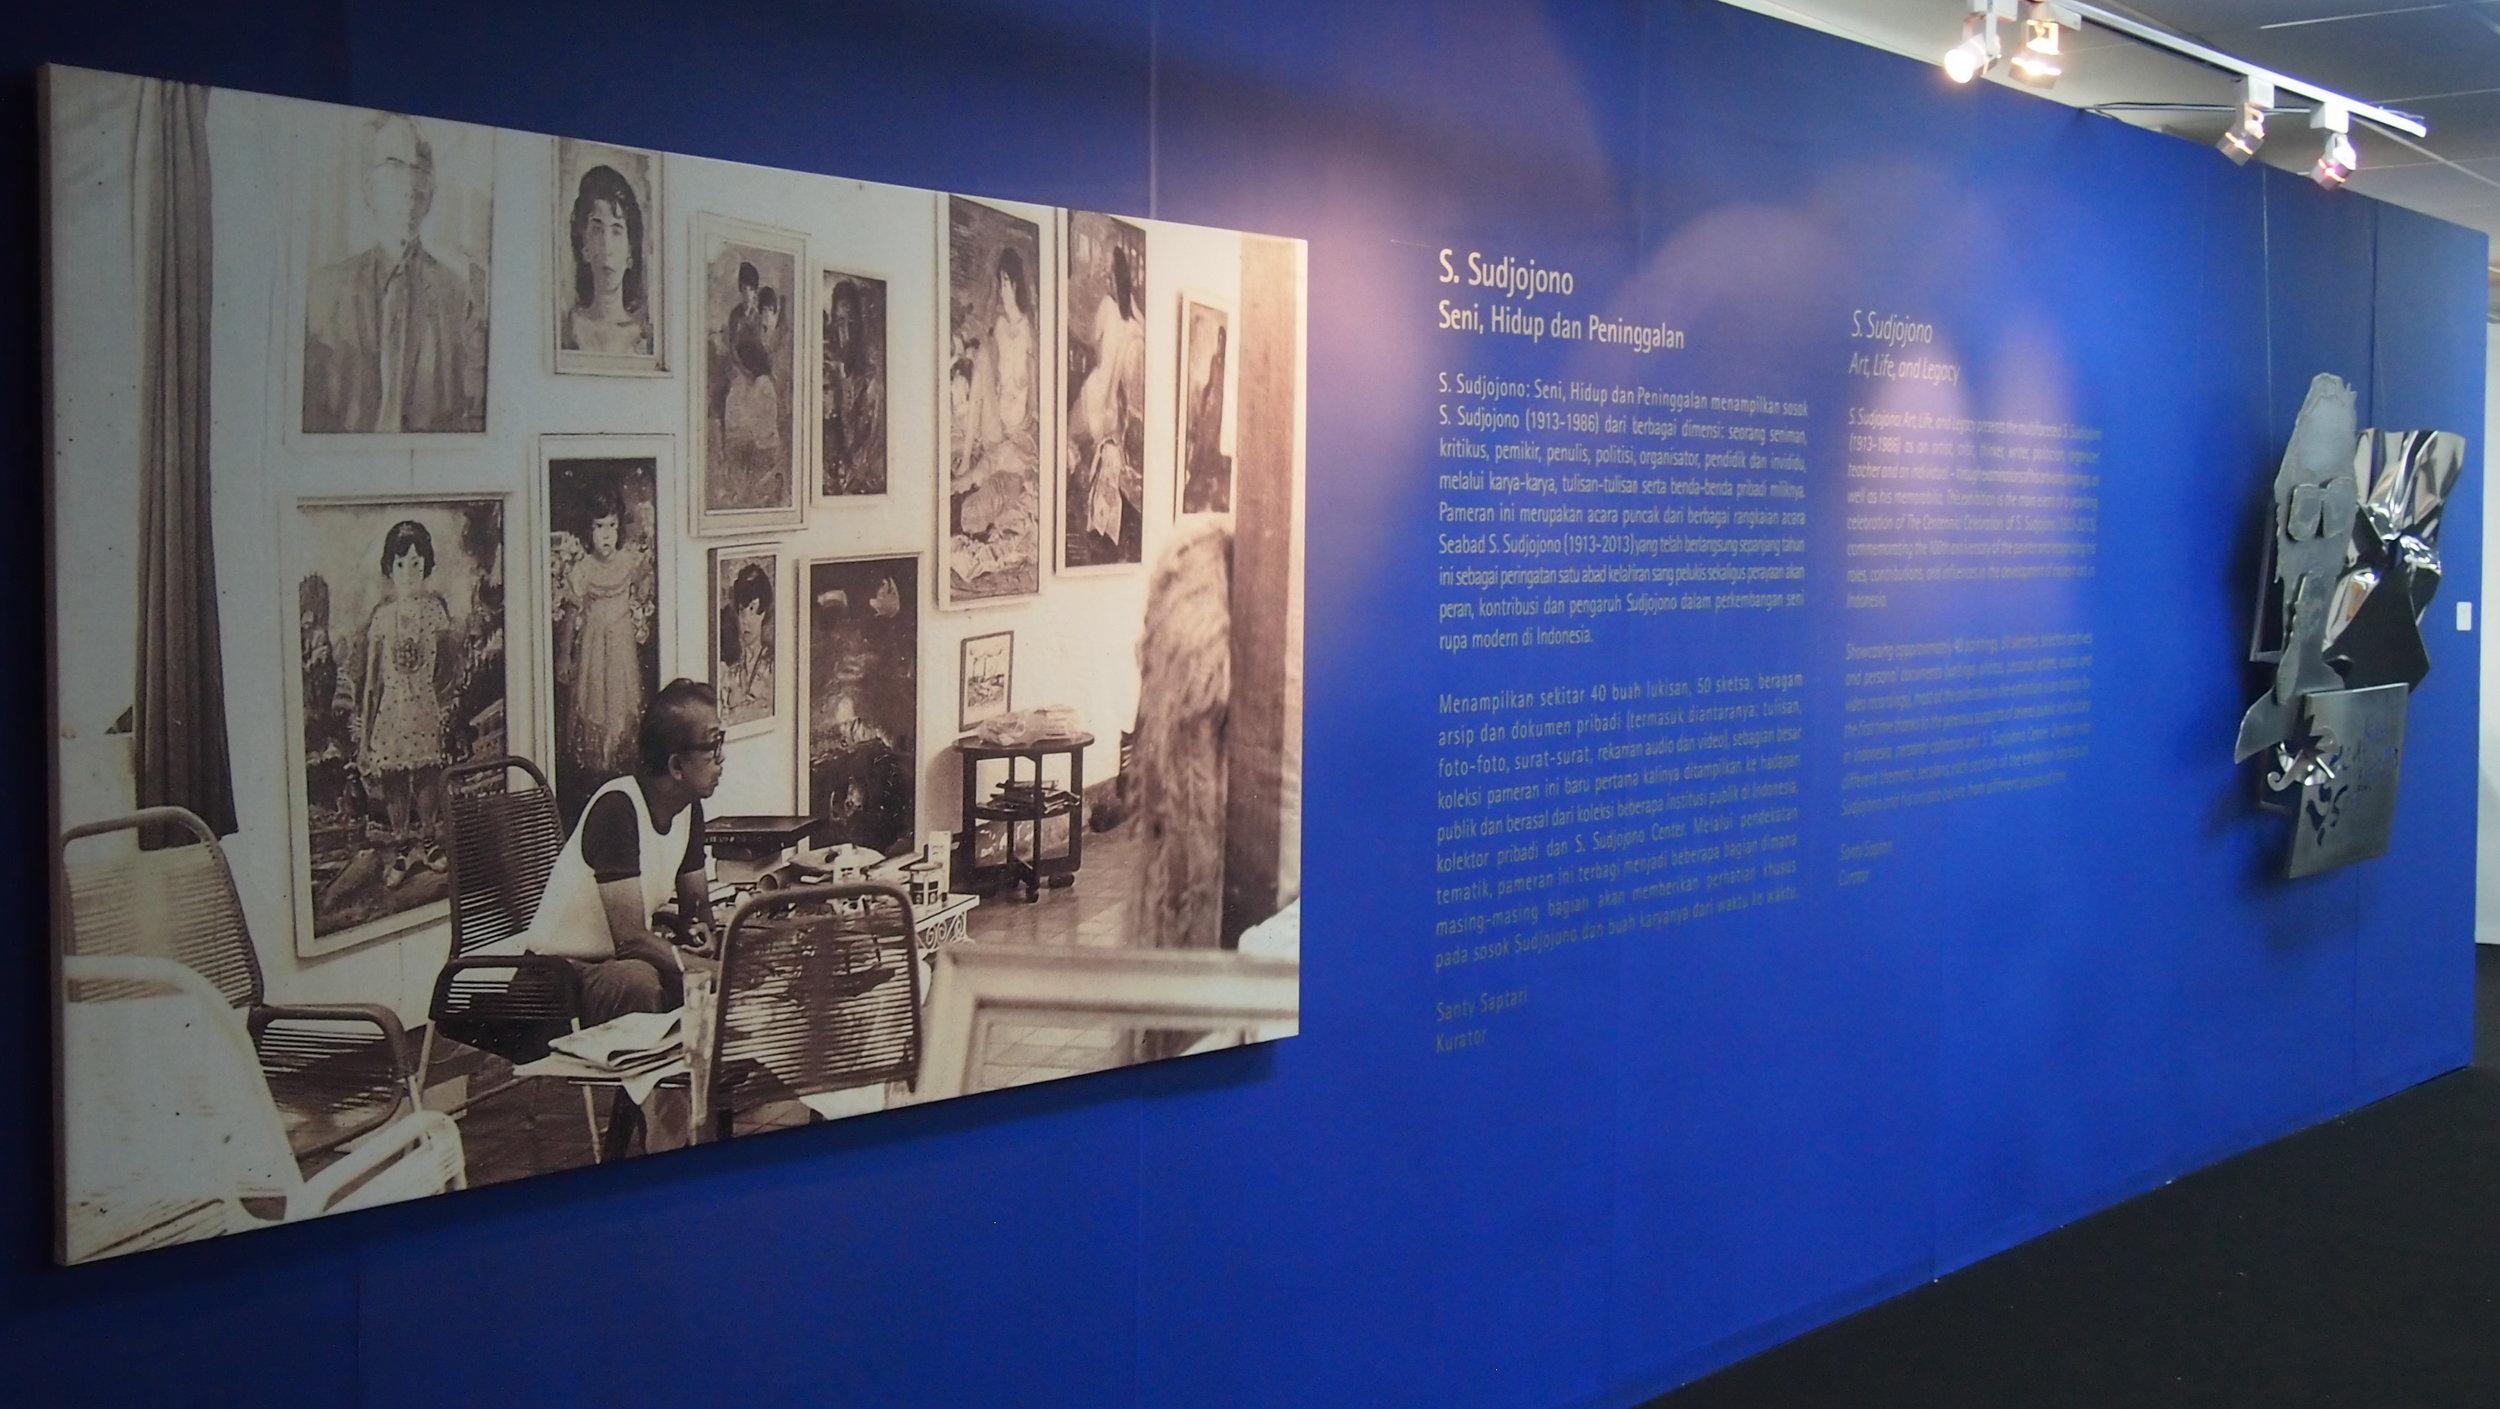 1_Centennary Exhibition of S. Sudjojono, Jakarta, 2013.JPG